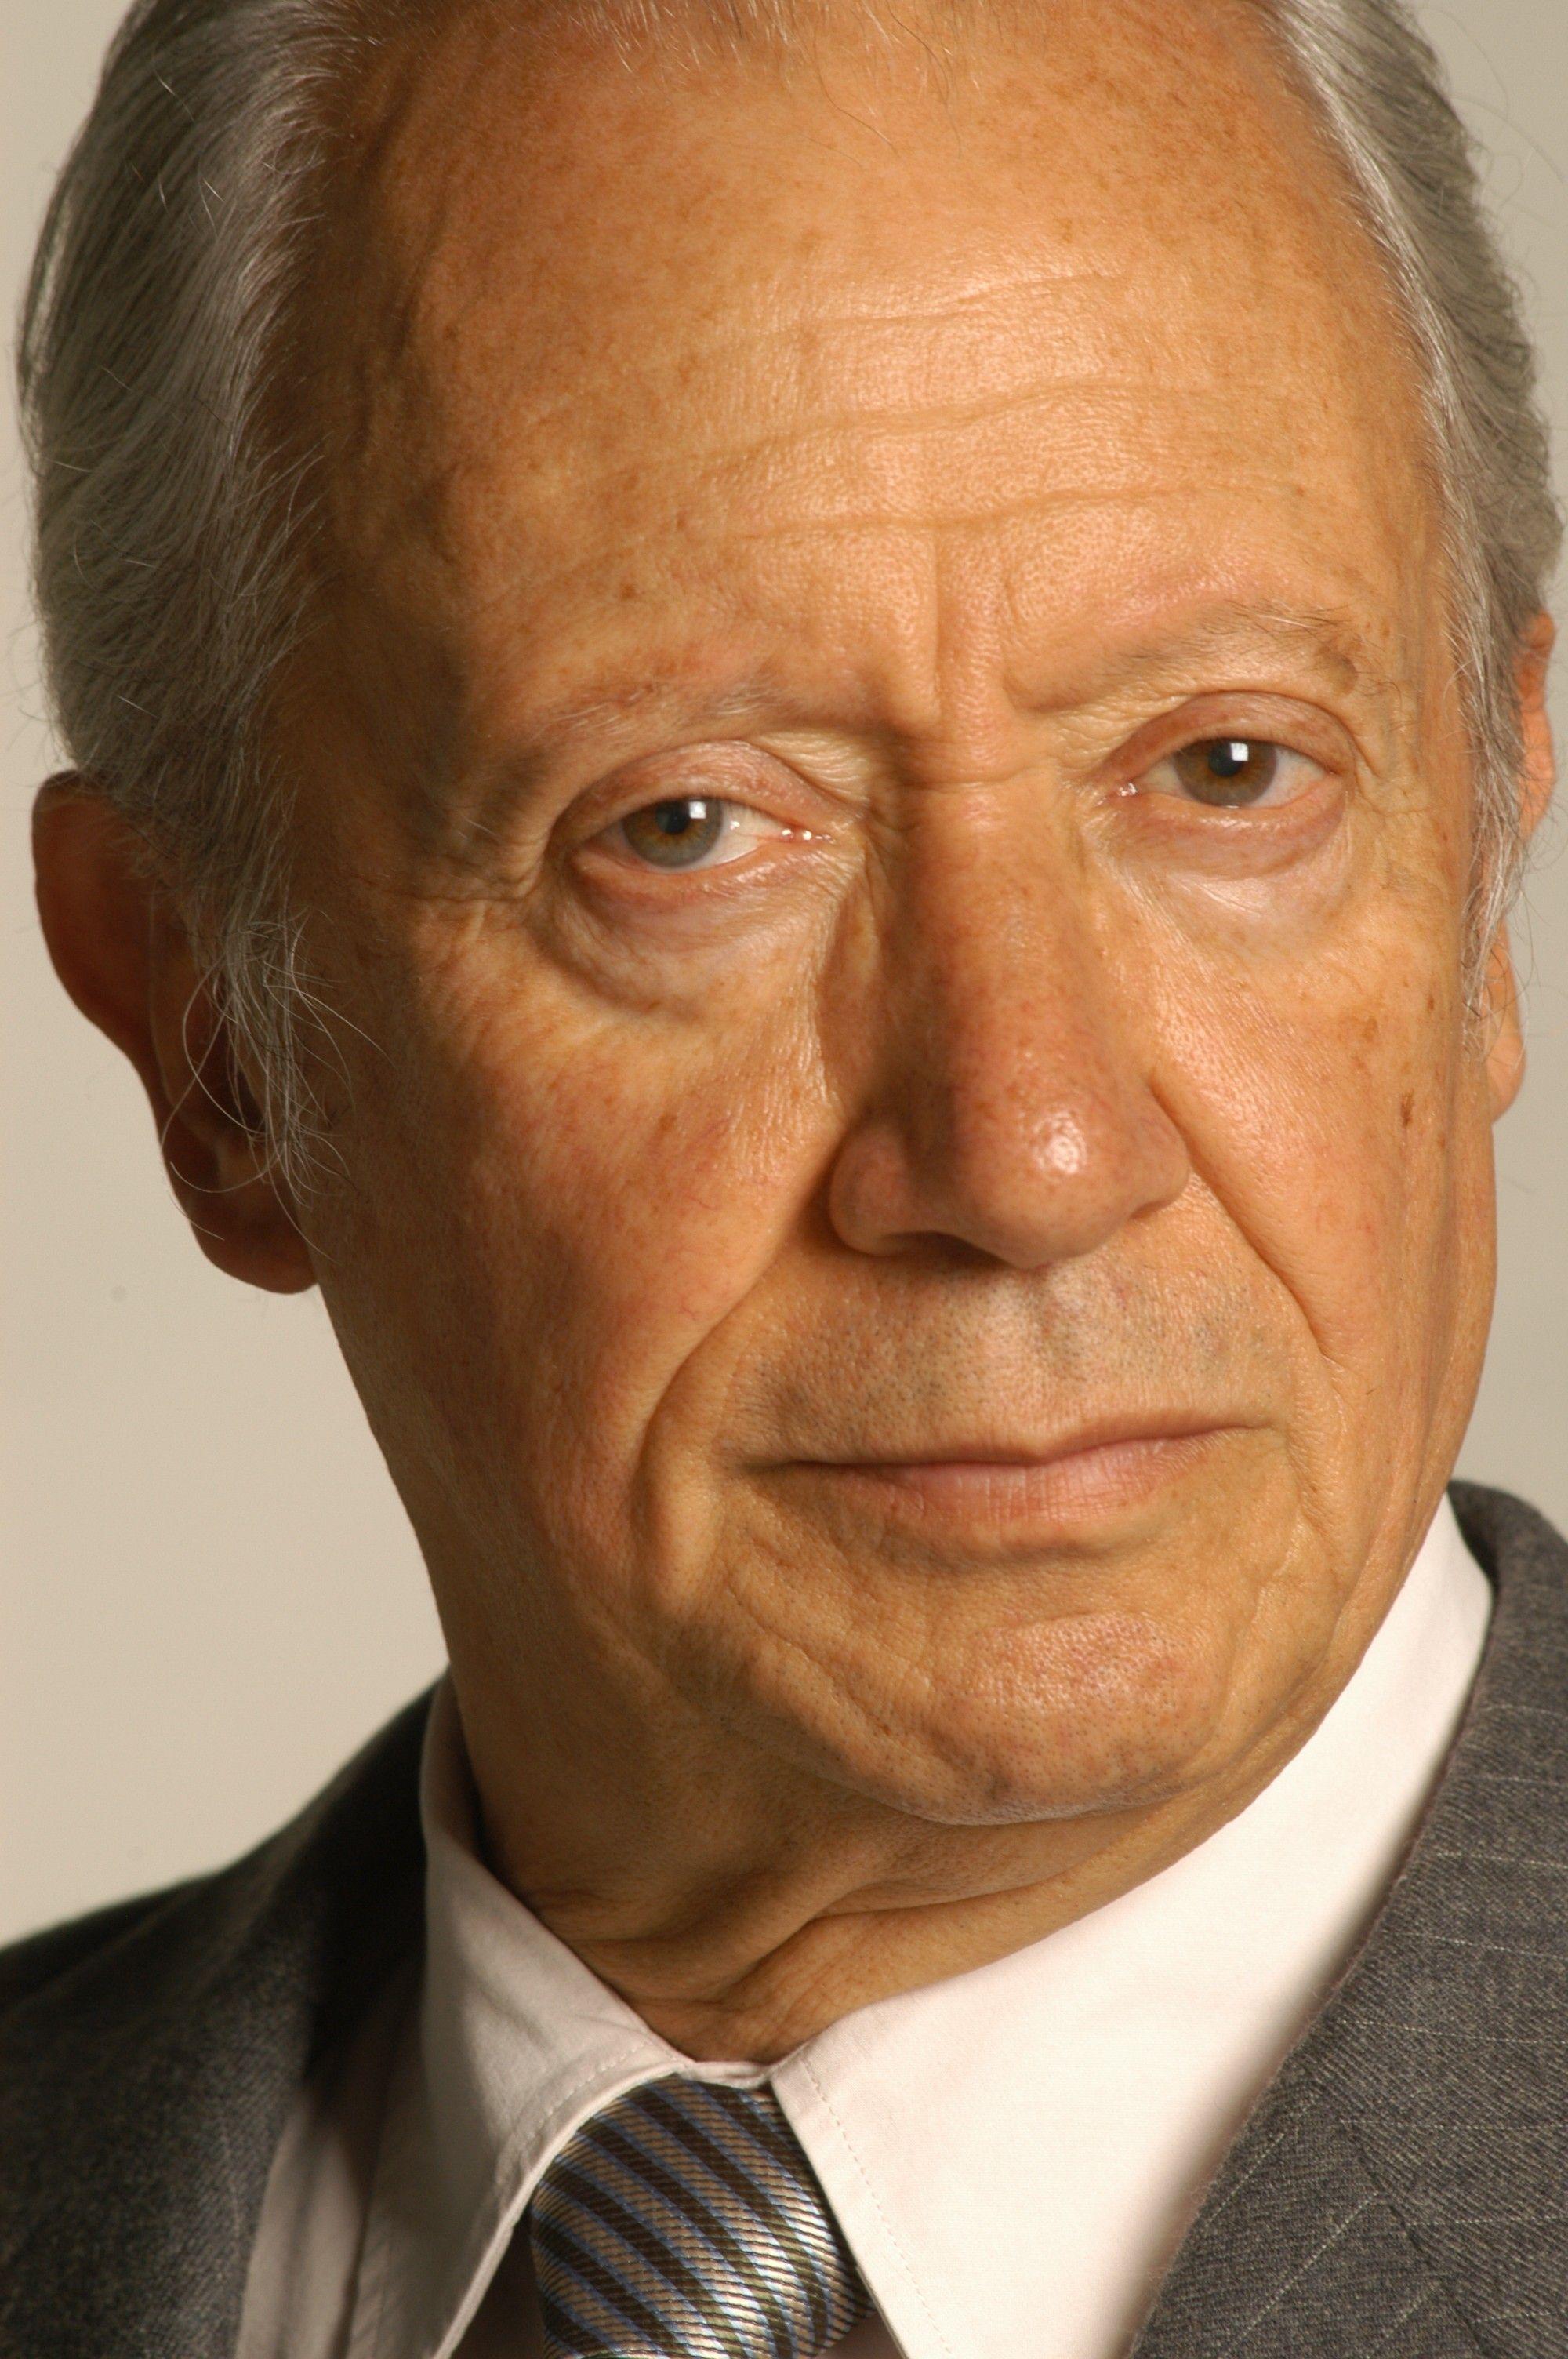 El director, guionista y productor falleció en Bogotá a los 82 años ...